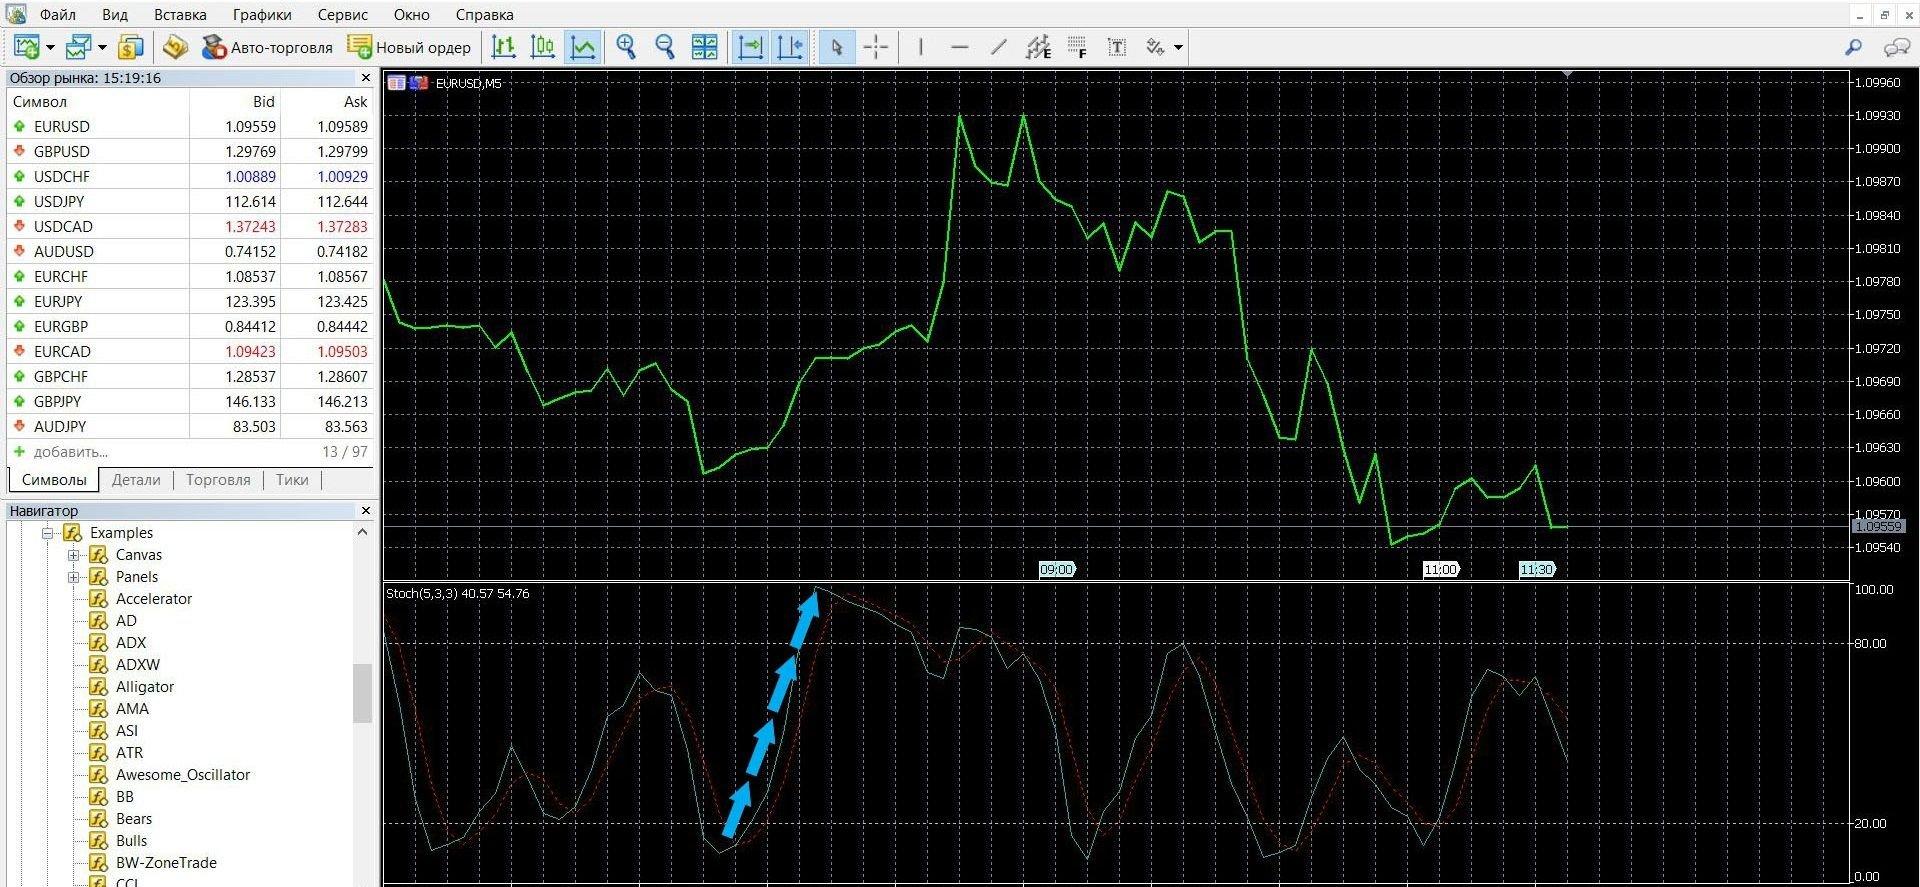 StochRSI – надежный индикатор, точно показывающий избыточный спрос и предложение